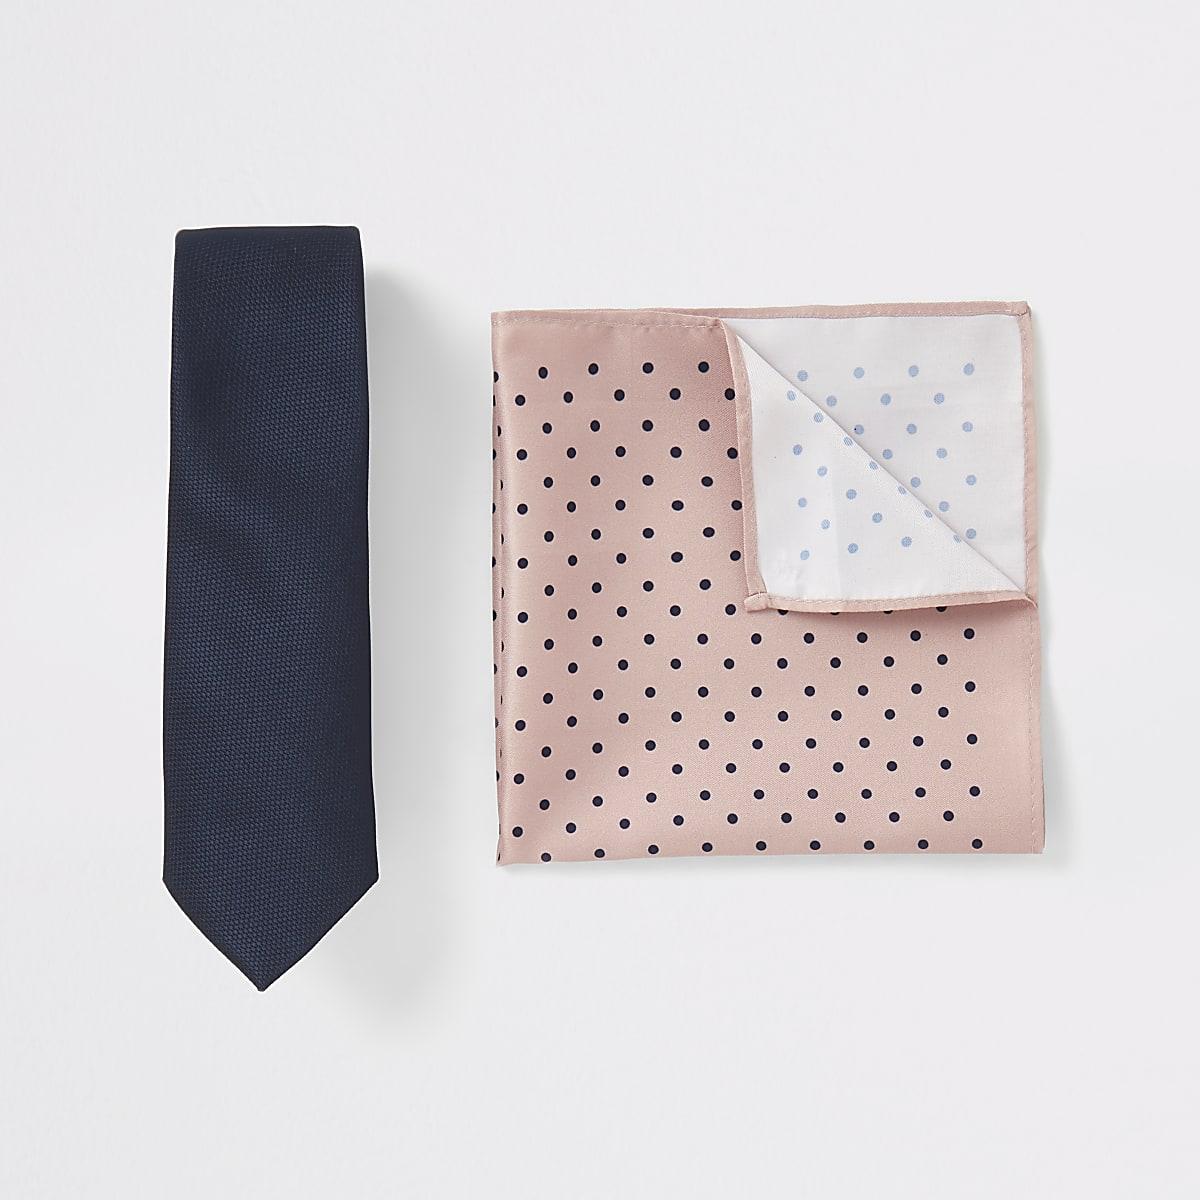 Set met marineblauwe stropdas en zakdoek met stippen